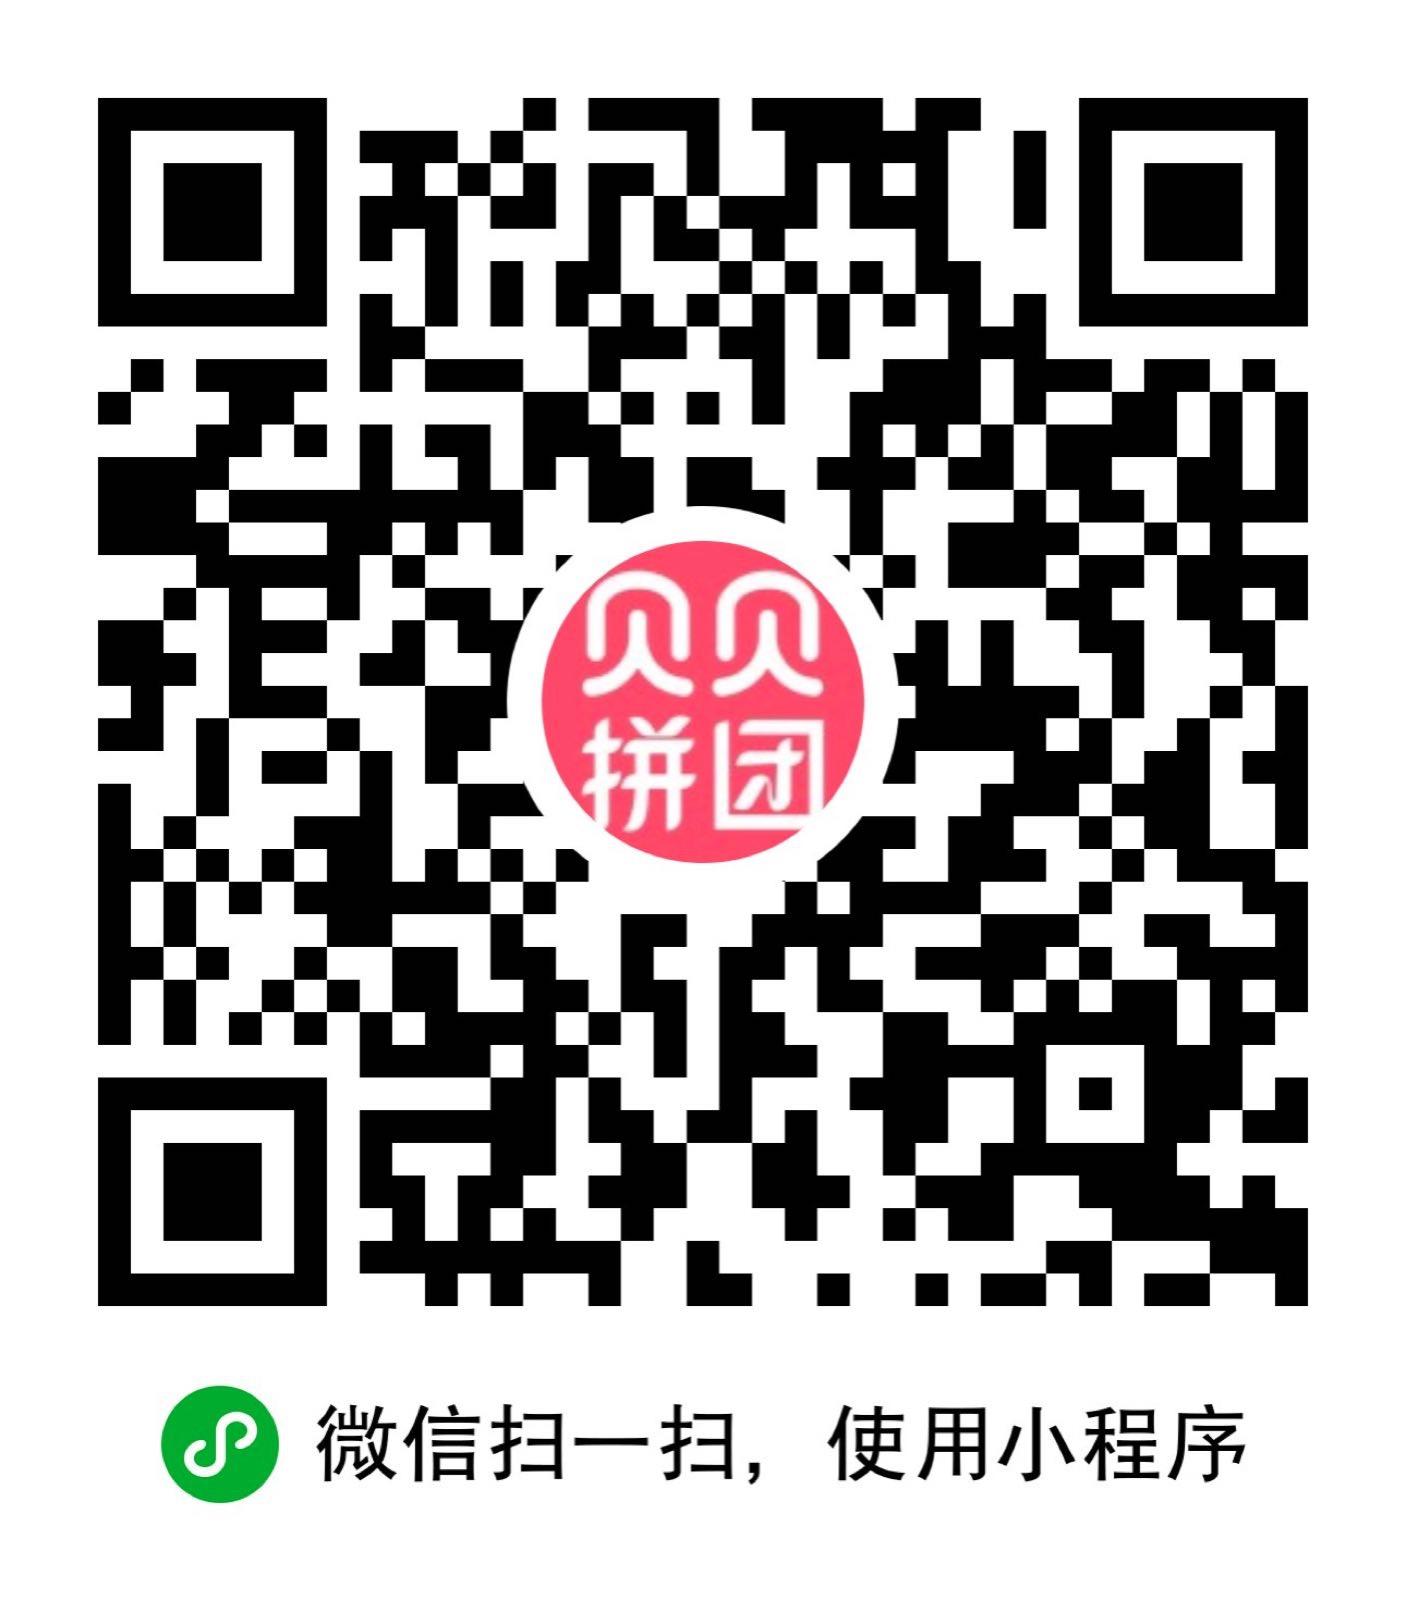 贝贝拼团官方-微信小程序二维码